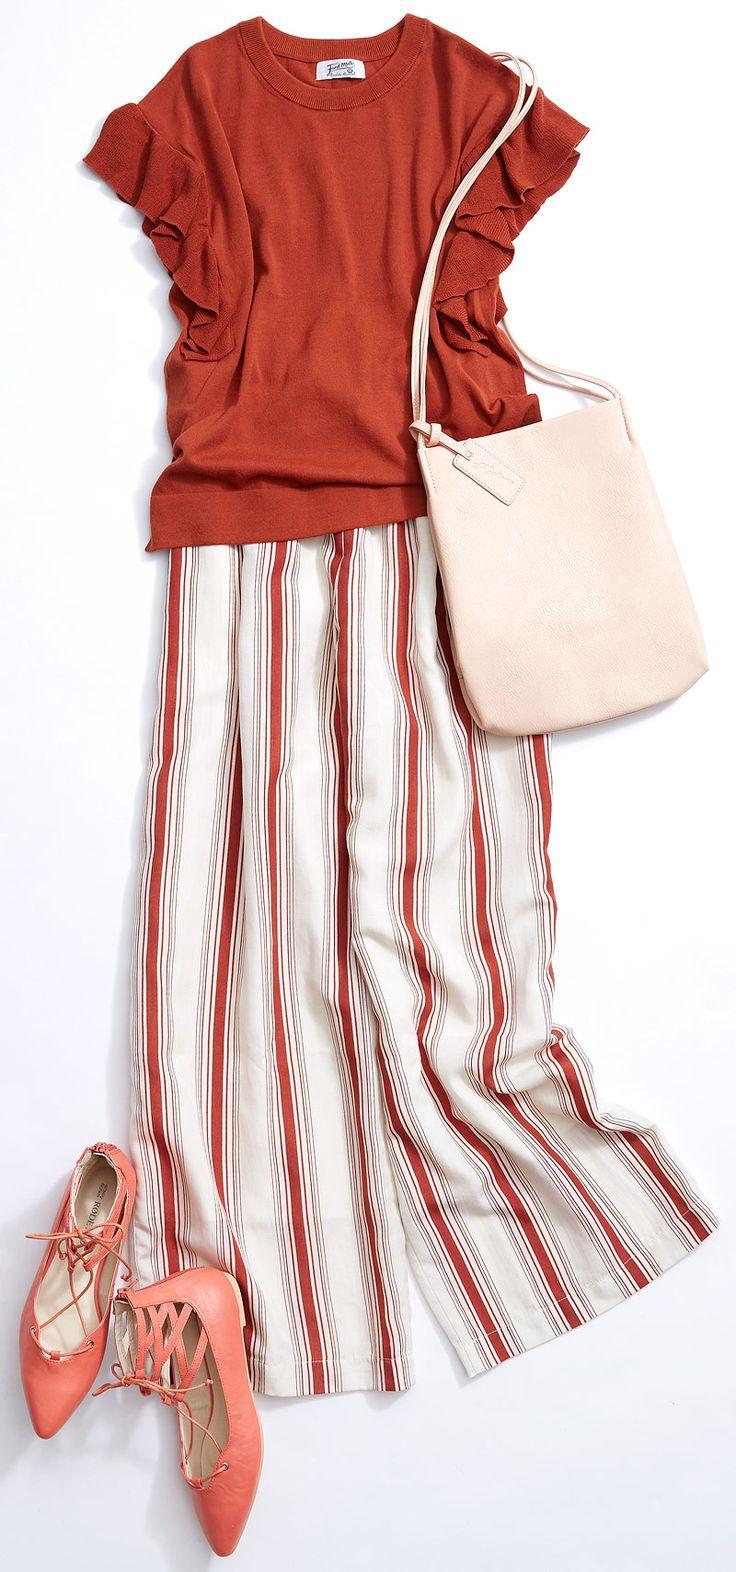 """究極の心地よさ! パジャマ風イージーパンツ! ルミネ池袋のショップから、夏のヘビロテアイテム""""ワイドパンツ""""を使ったスタイルをご紹介。人気スタイリストMeguさんがシンプル服にトレンド小物を合わせた、今どき感たっぷりのキレ味のあるコーディネートを提案します!"""